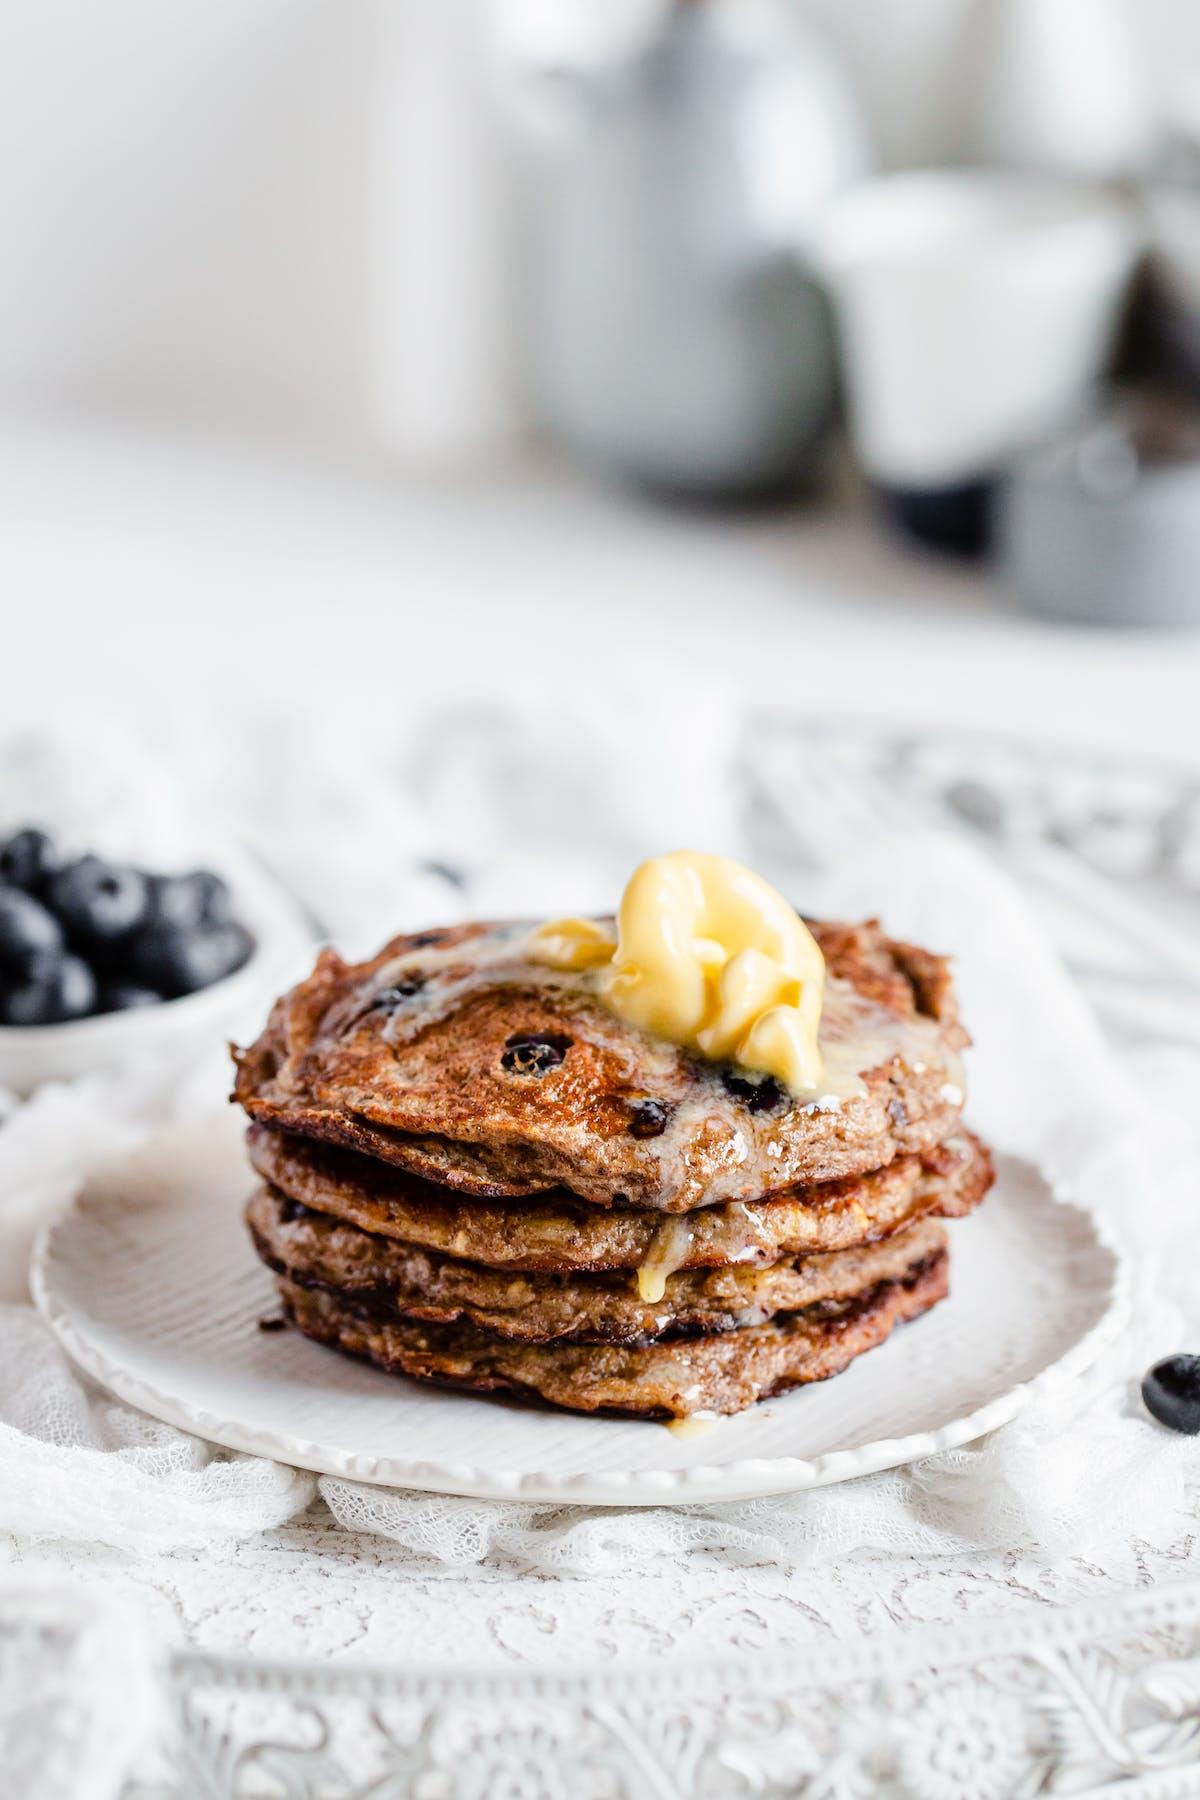 Low-carb banana blueberry pancake